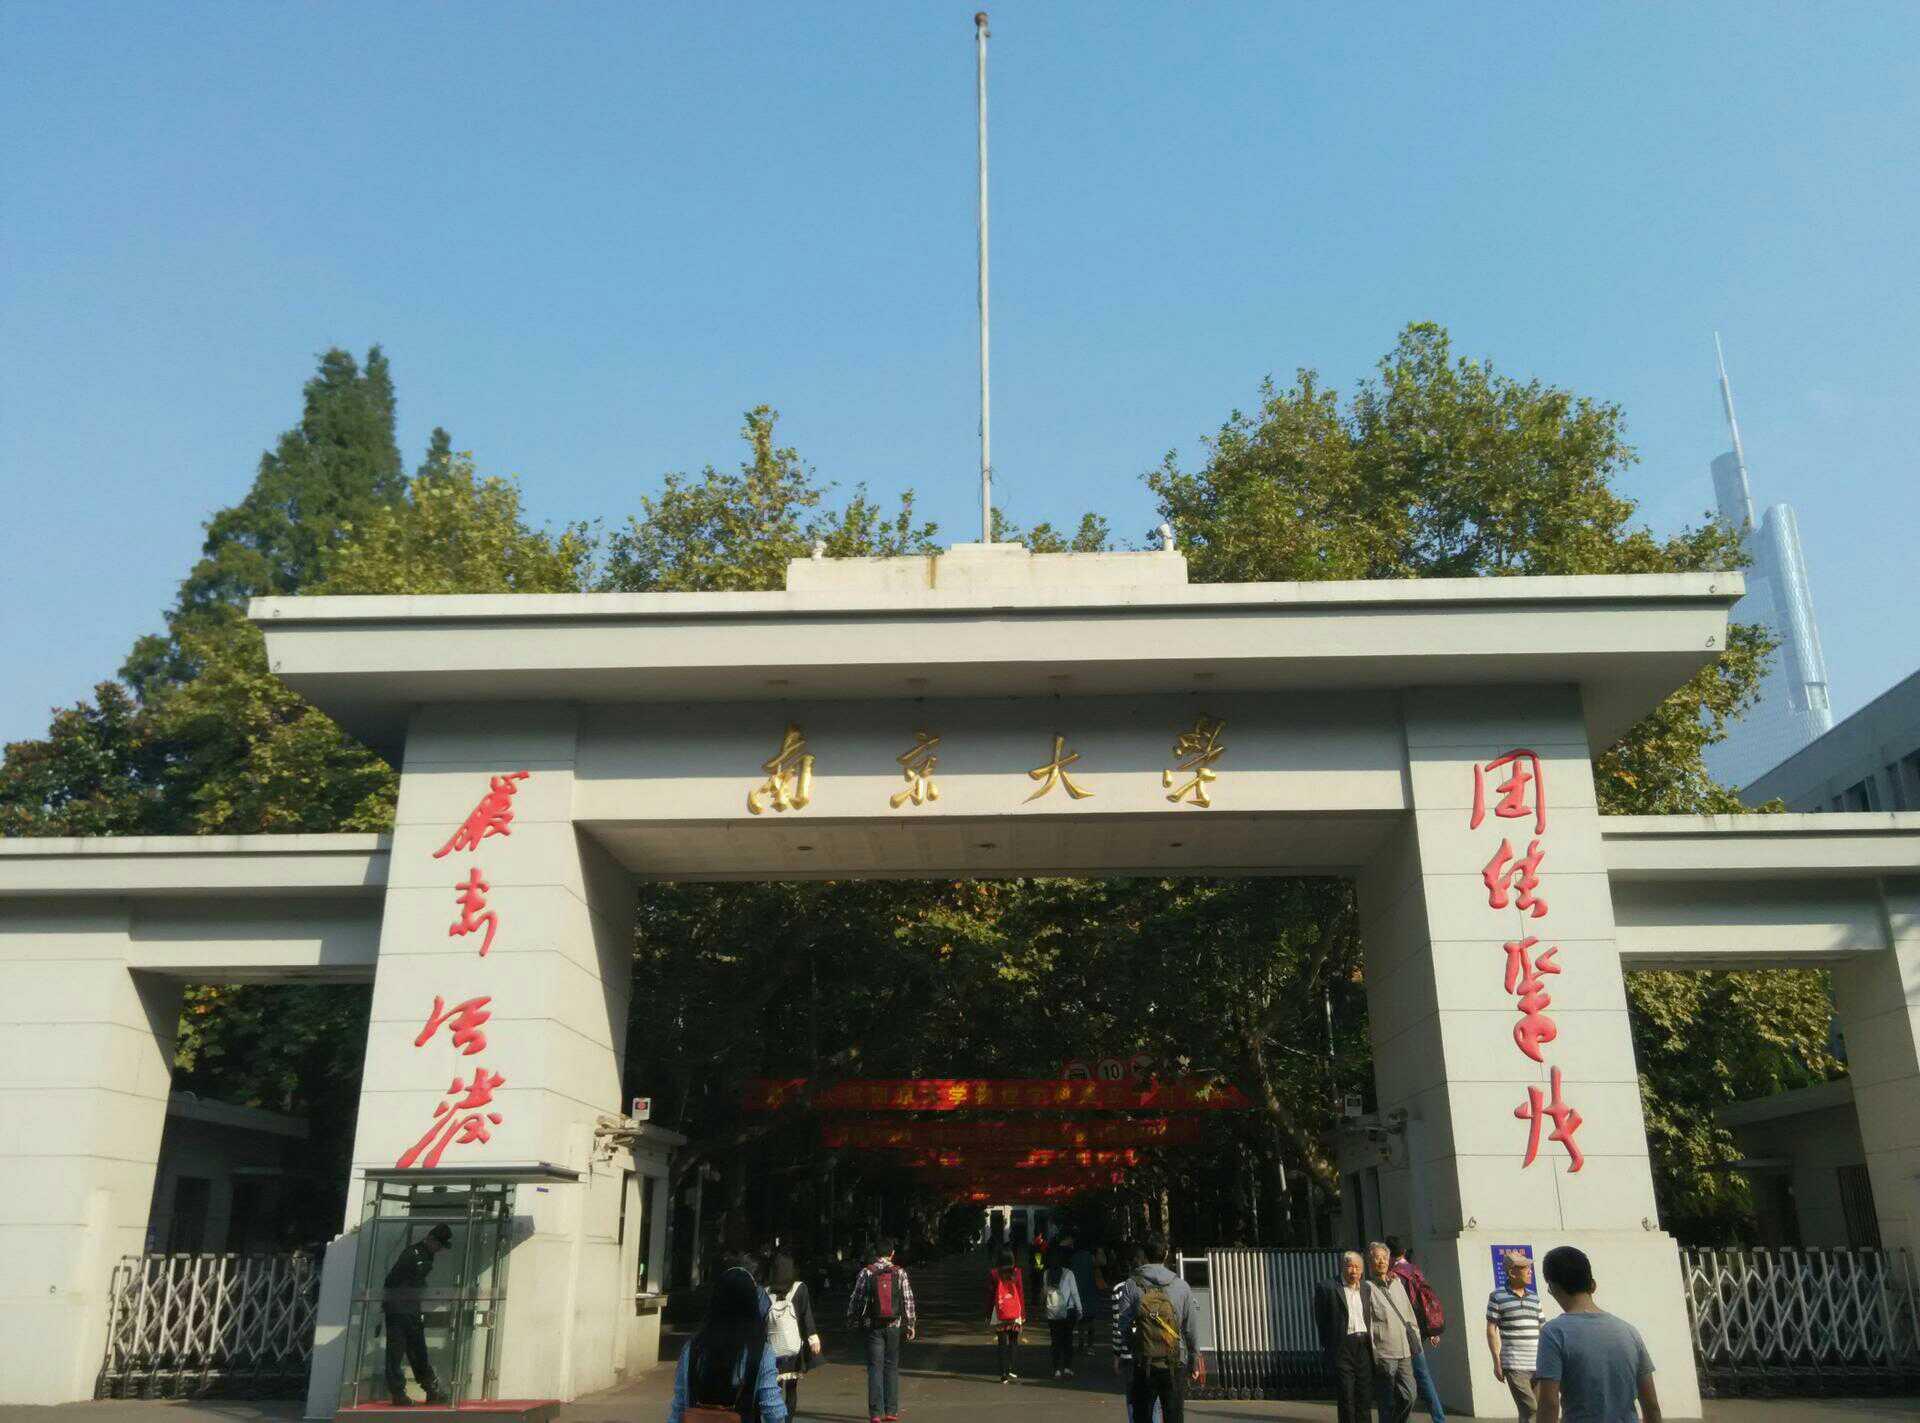 南京大学旅游景点攻攻略乐清自驾游略图一日游图片